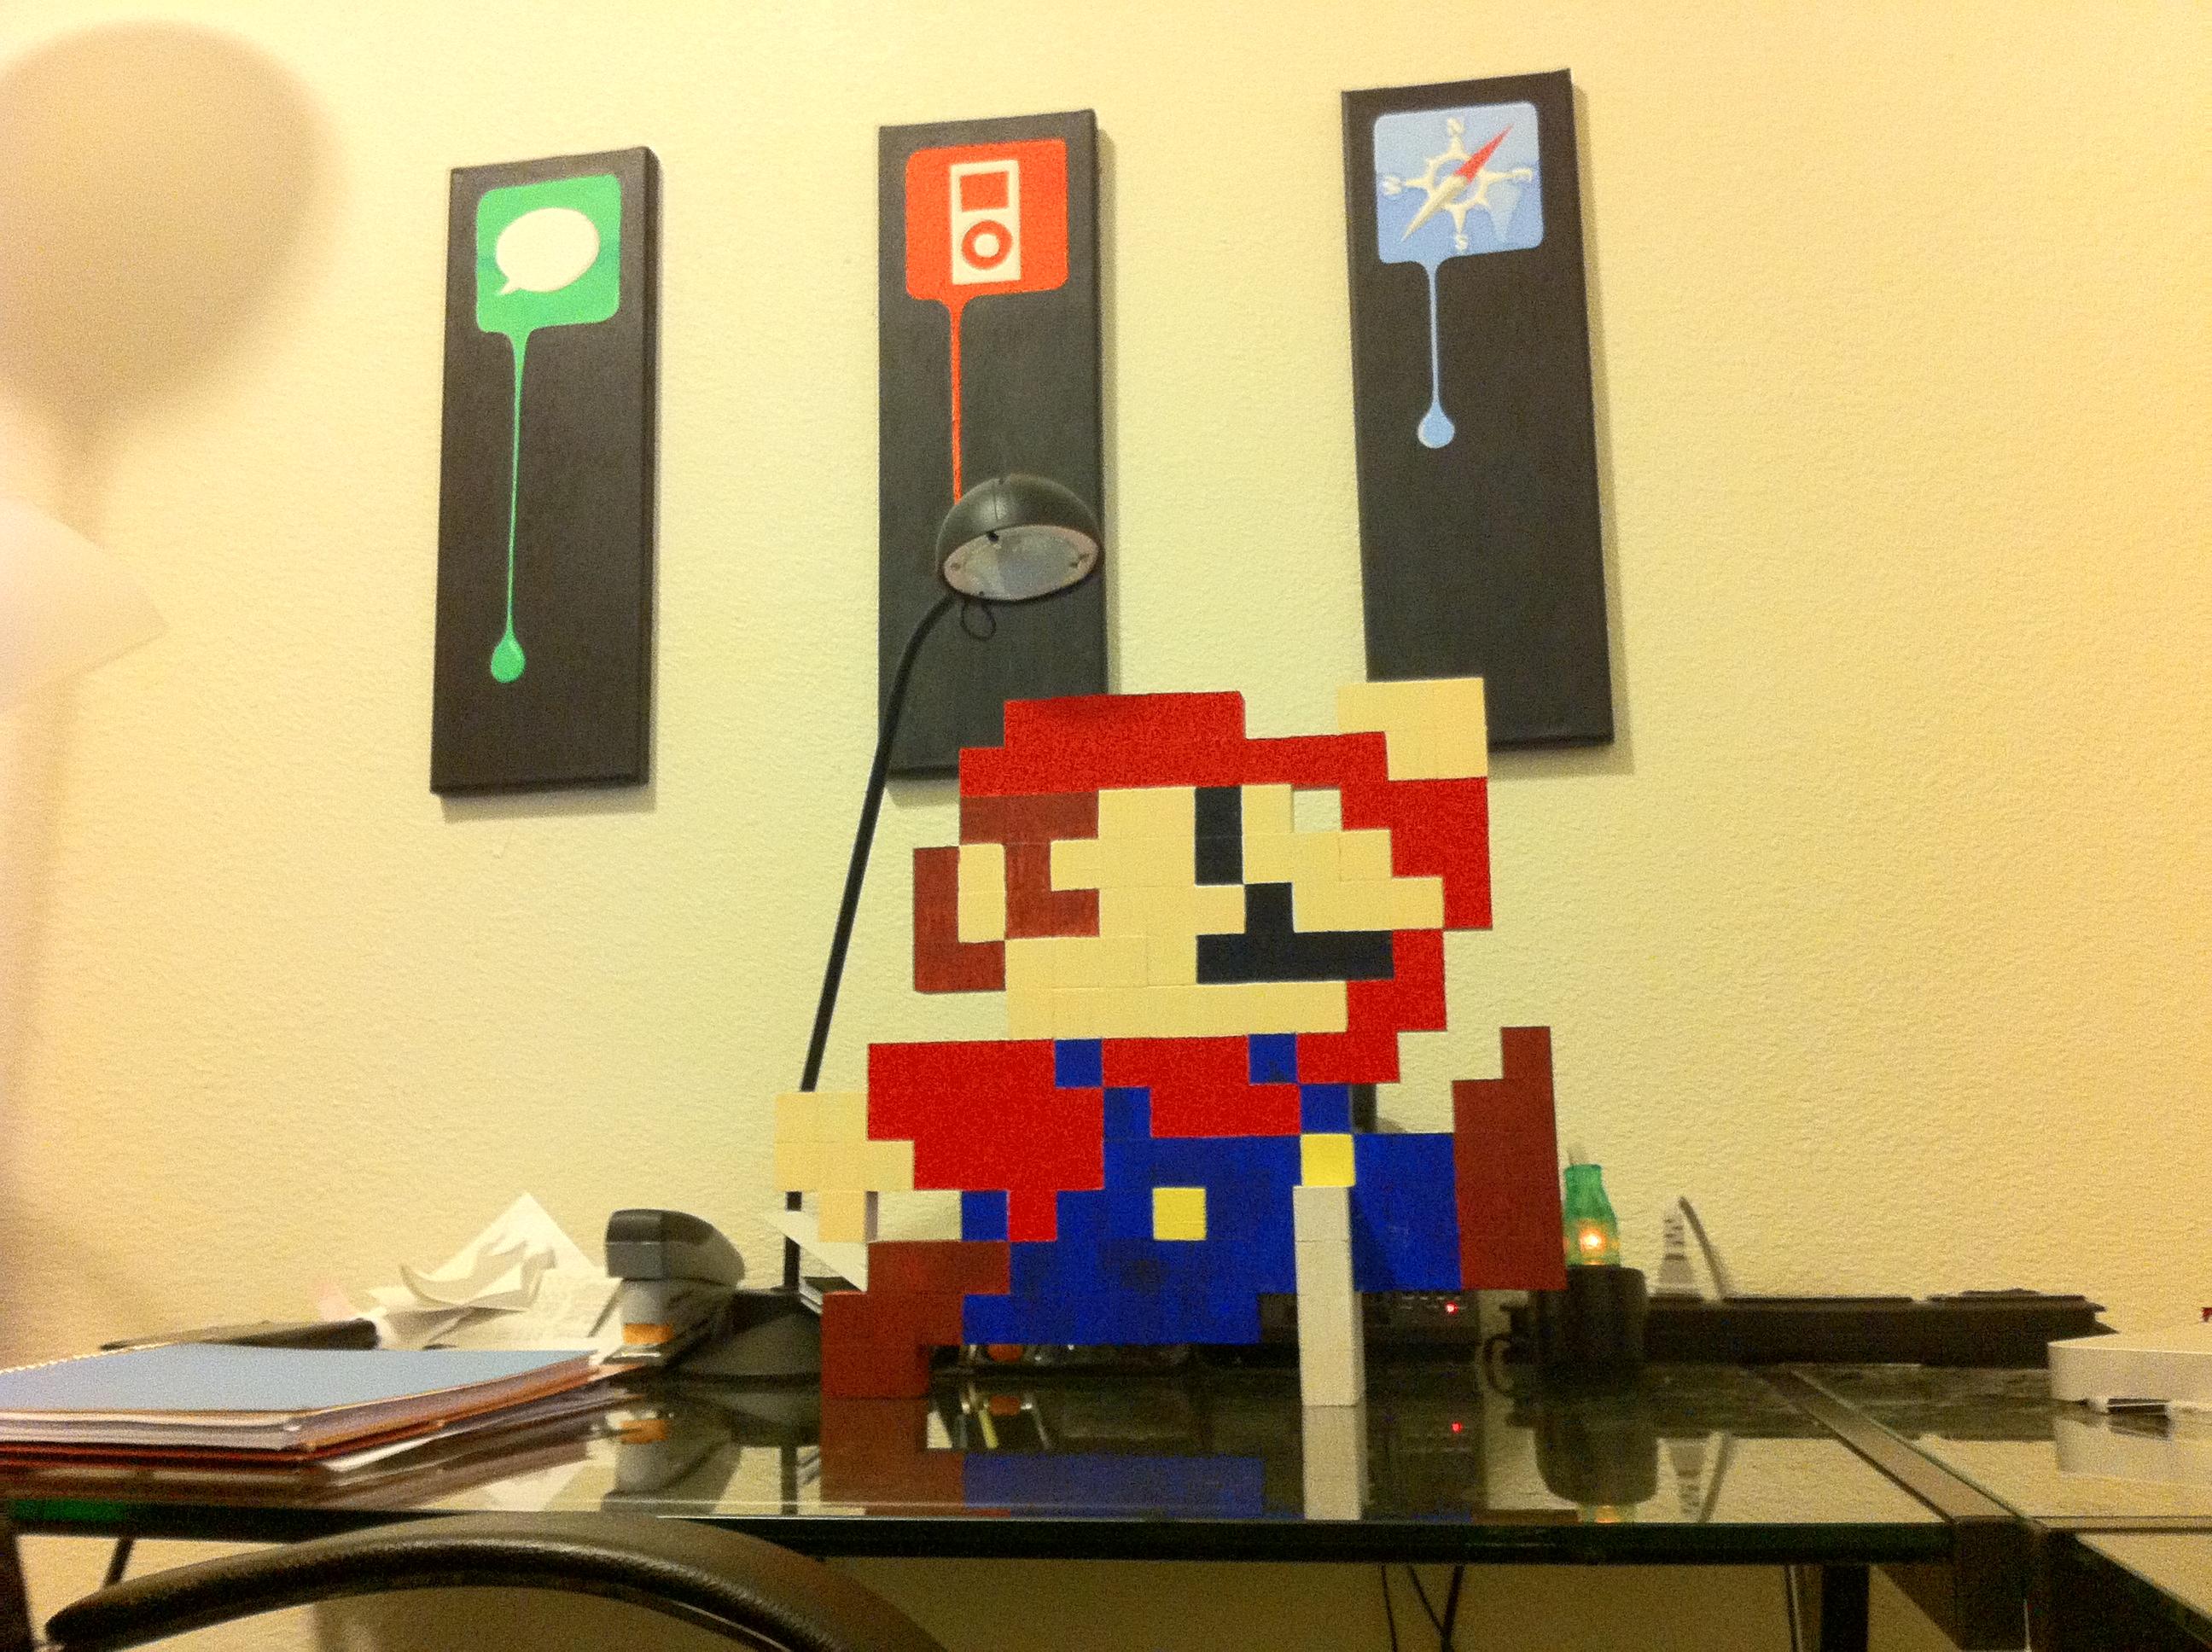 Super Mario Bros Blocks